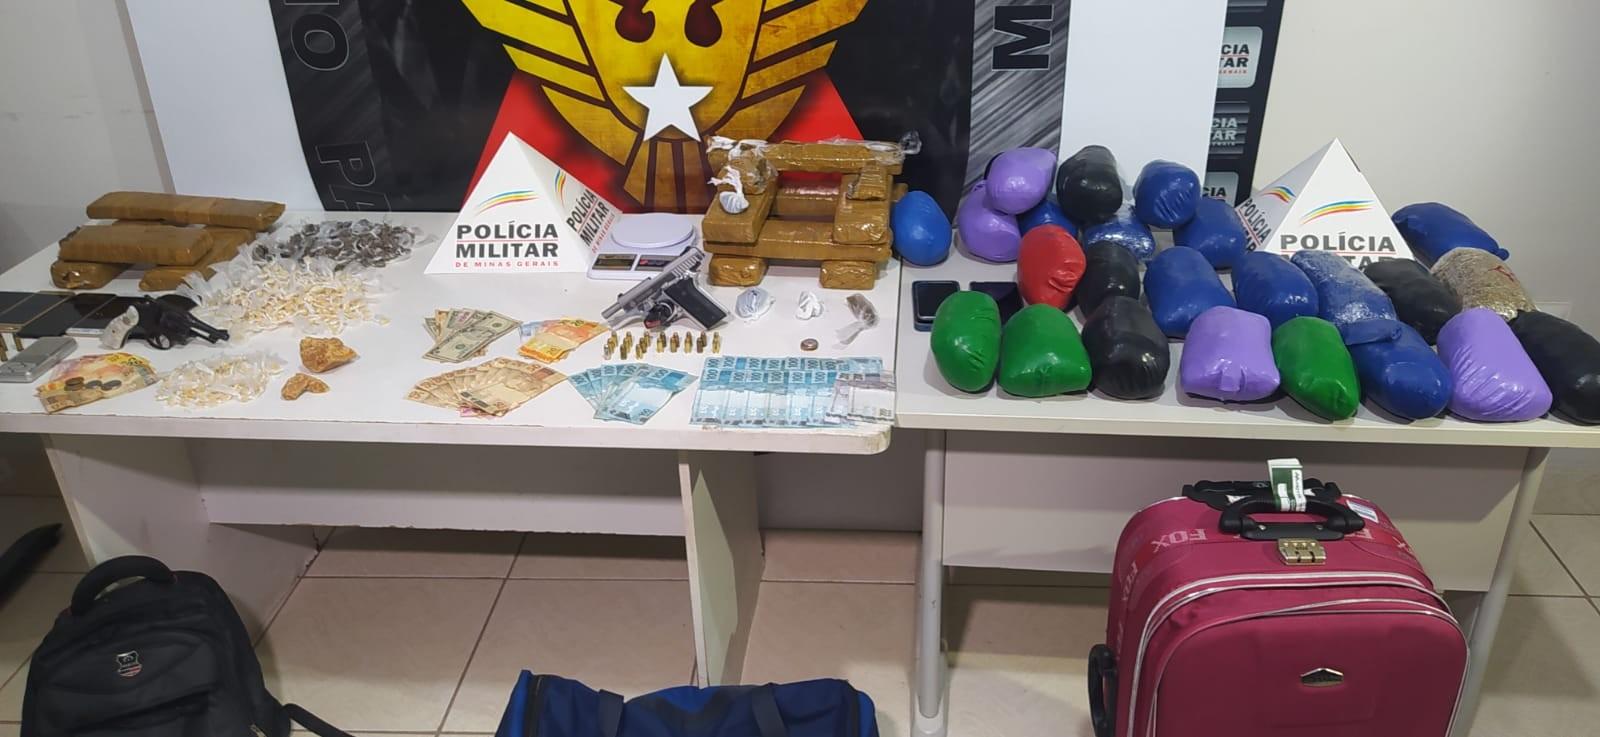 PM prende oito pessoas e apreende mais de 20 kg de drogas em Caratinga